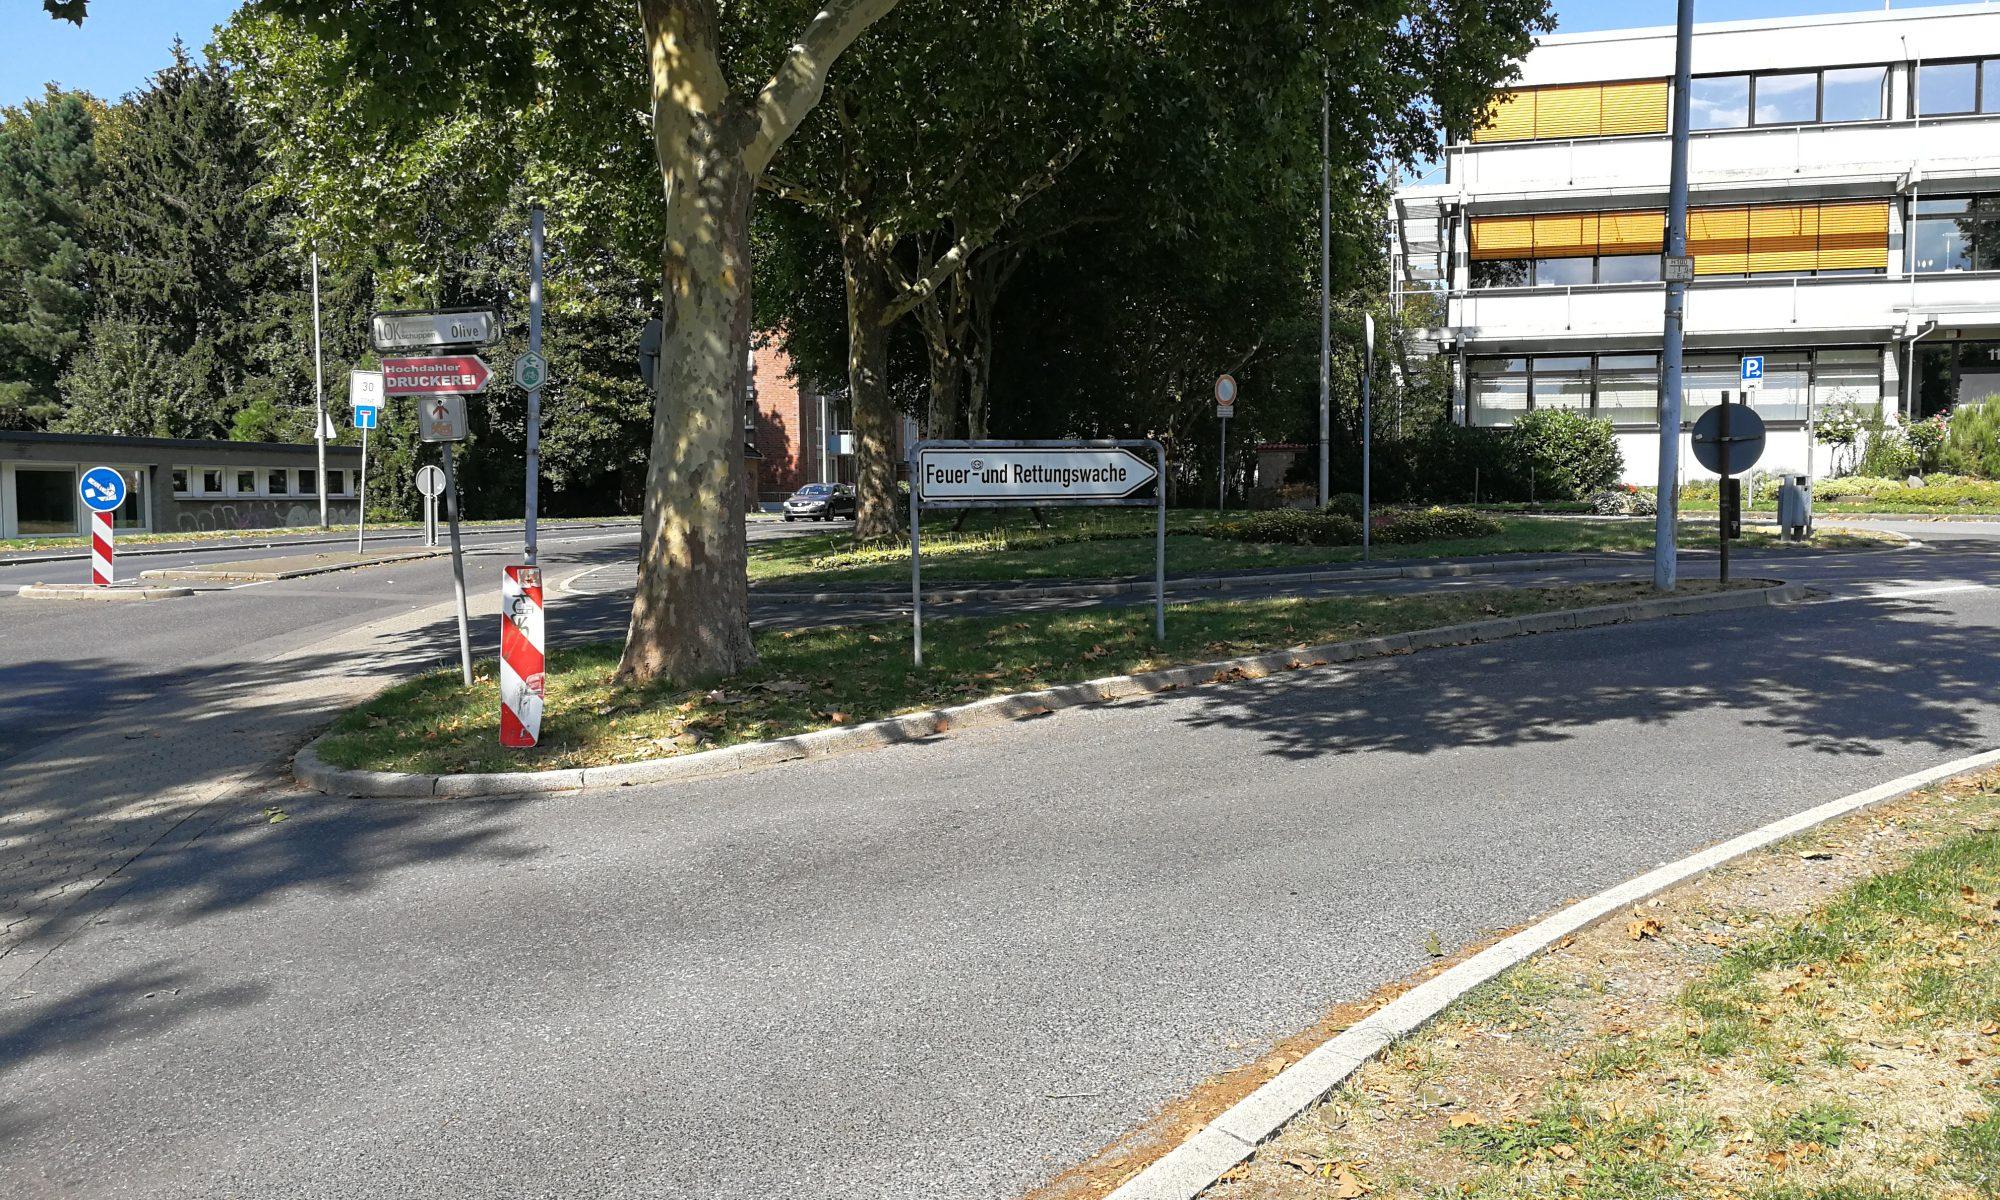 Einfahrt zur Feuerwache von der Hildener Strasse kommend